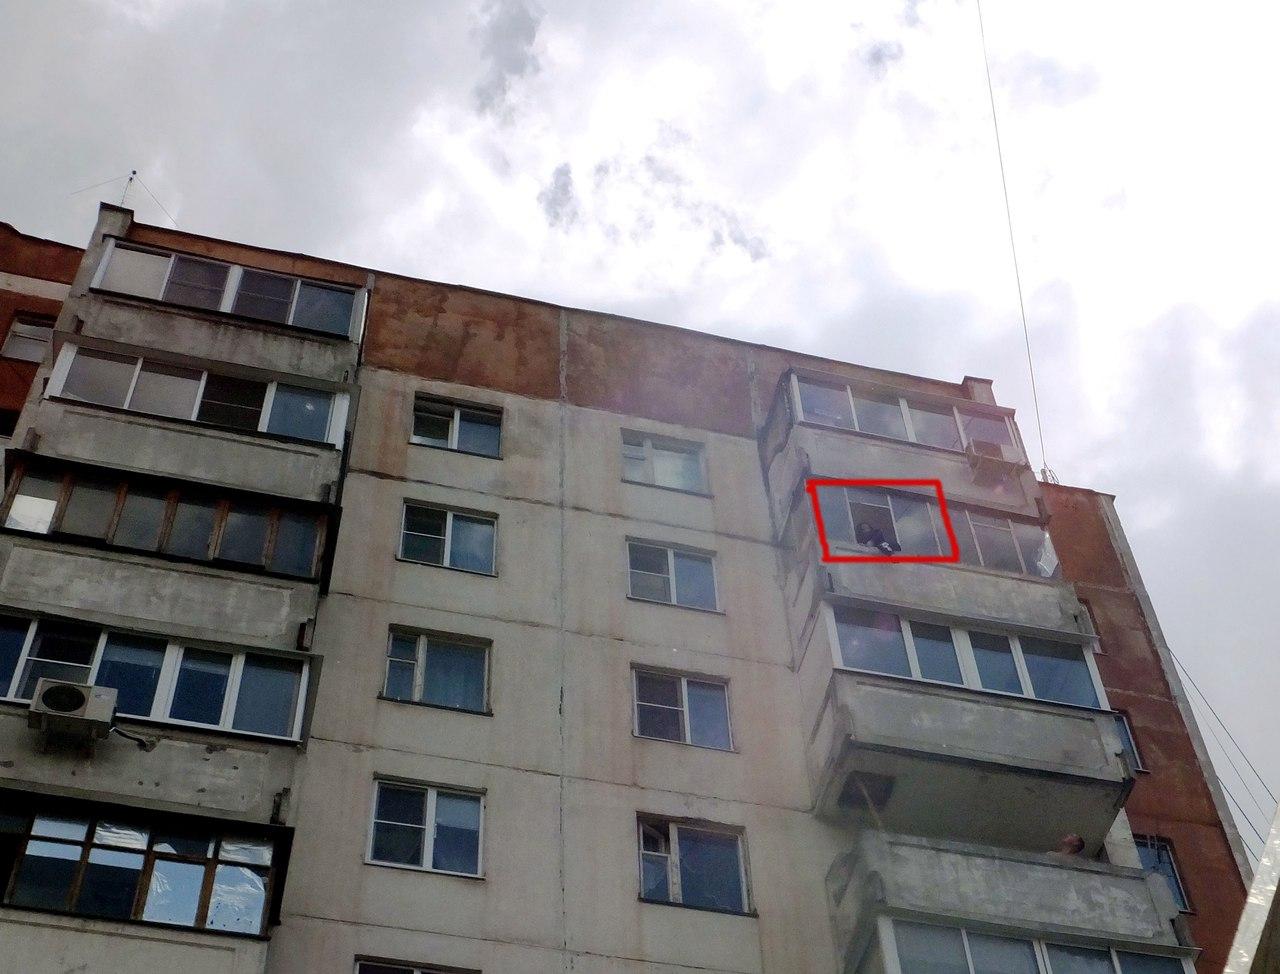 Воронежские спасатели в последний момент предотвратили суици.